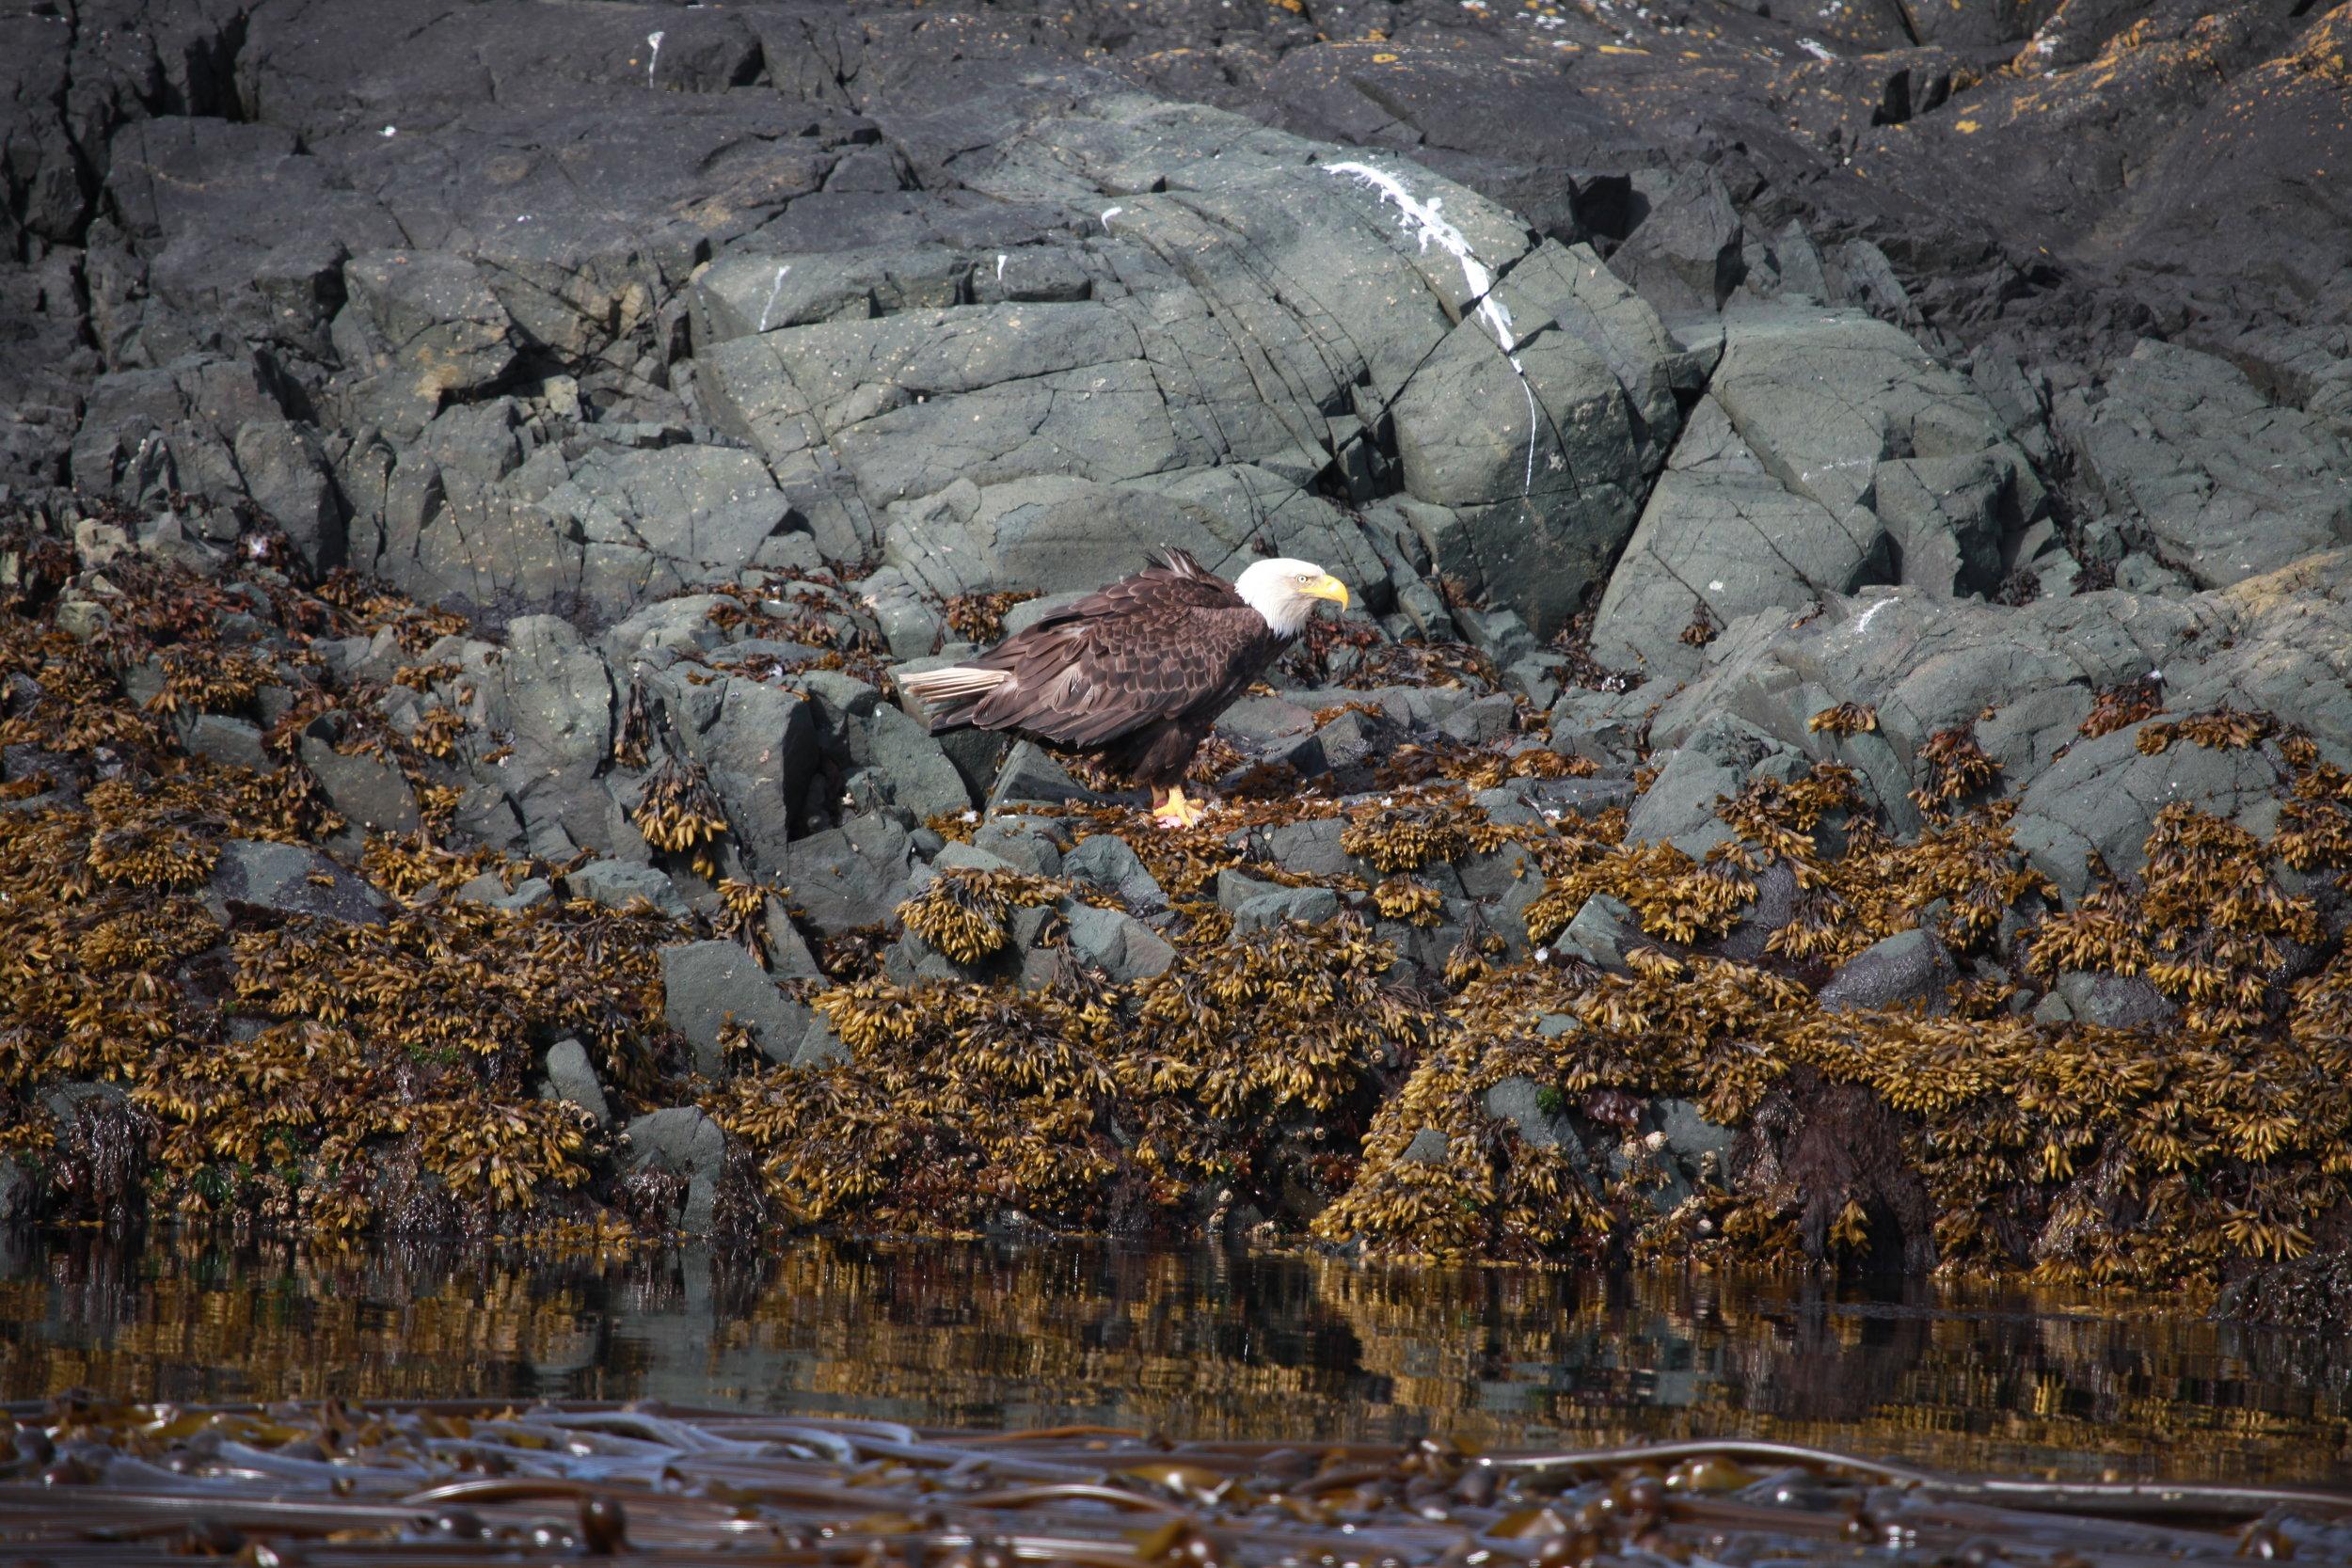 Bald eagle feeding on salmon